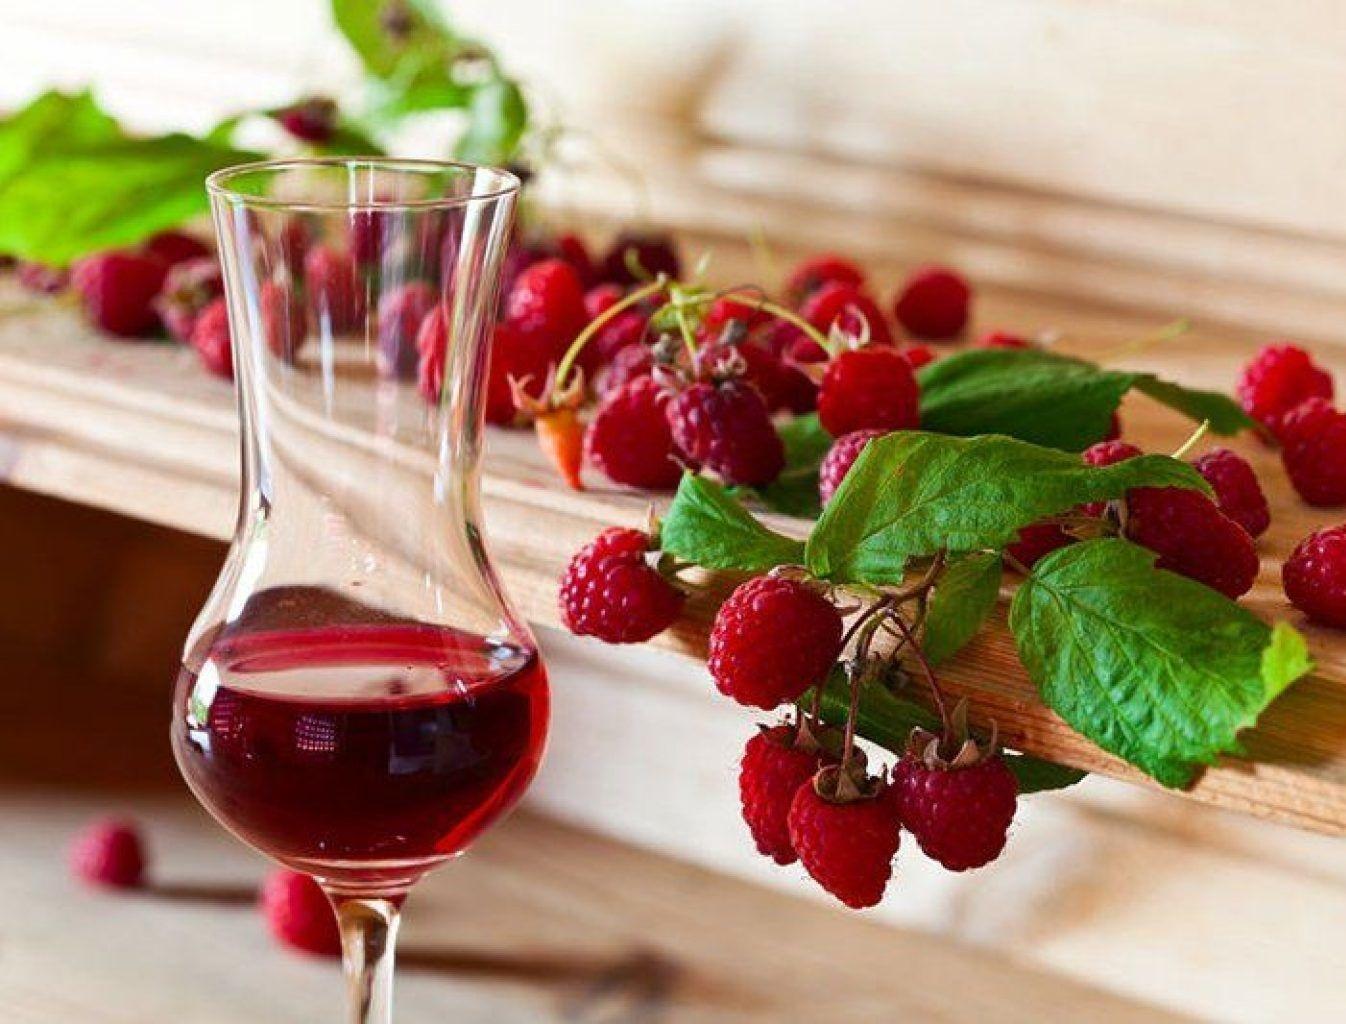 Приготовление домашнего вина из малины. Рецепт